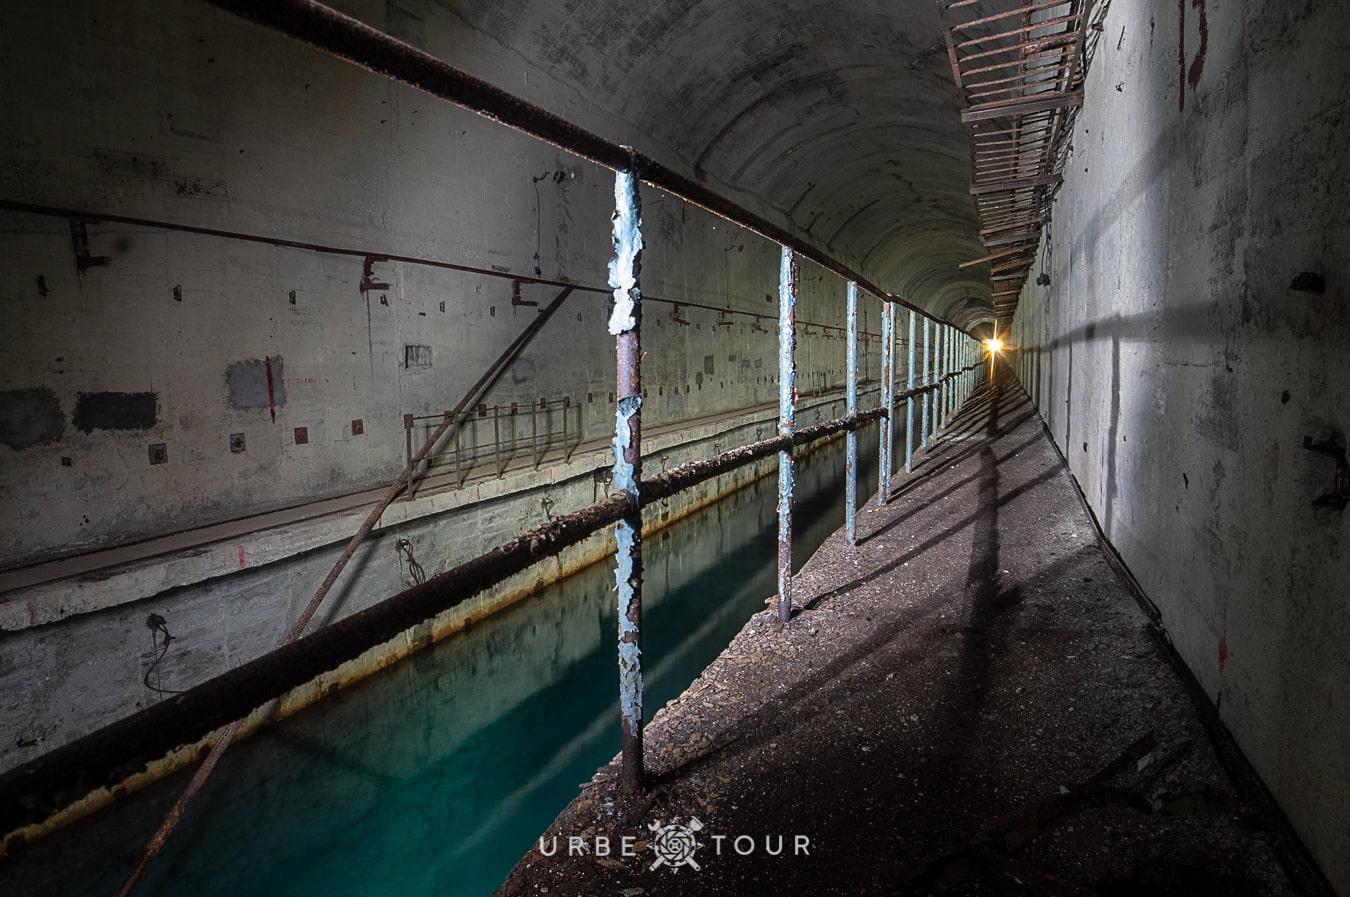 porto-palermo-submarine-base-albania-5 Подземная база для подводных лодок в Порто Палермо, Албания